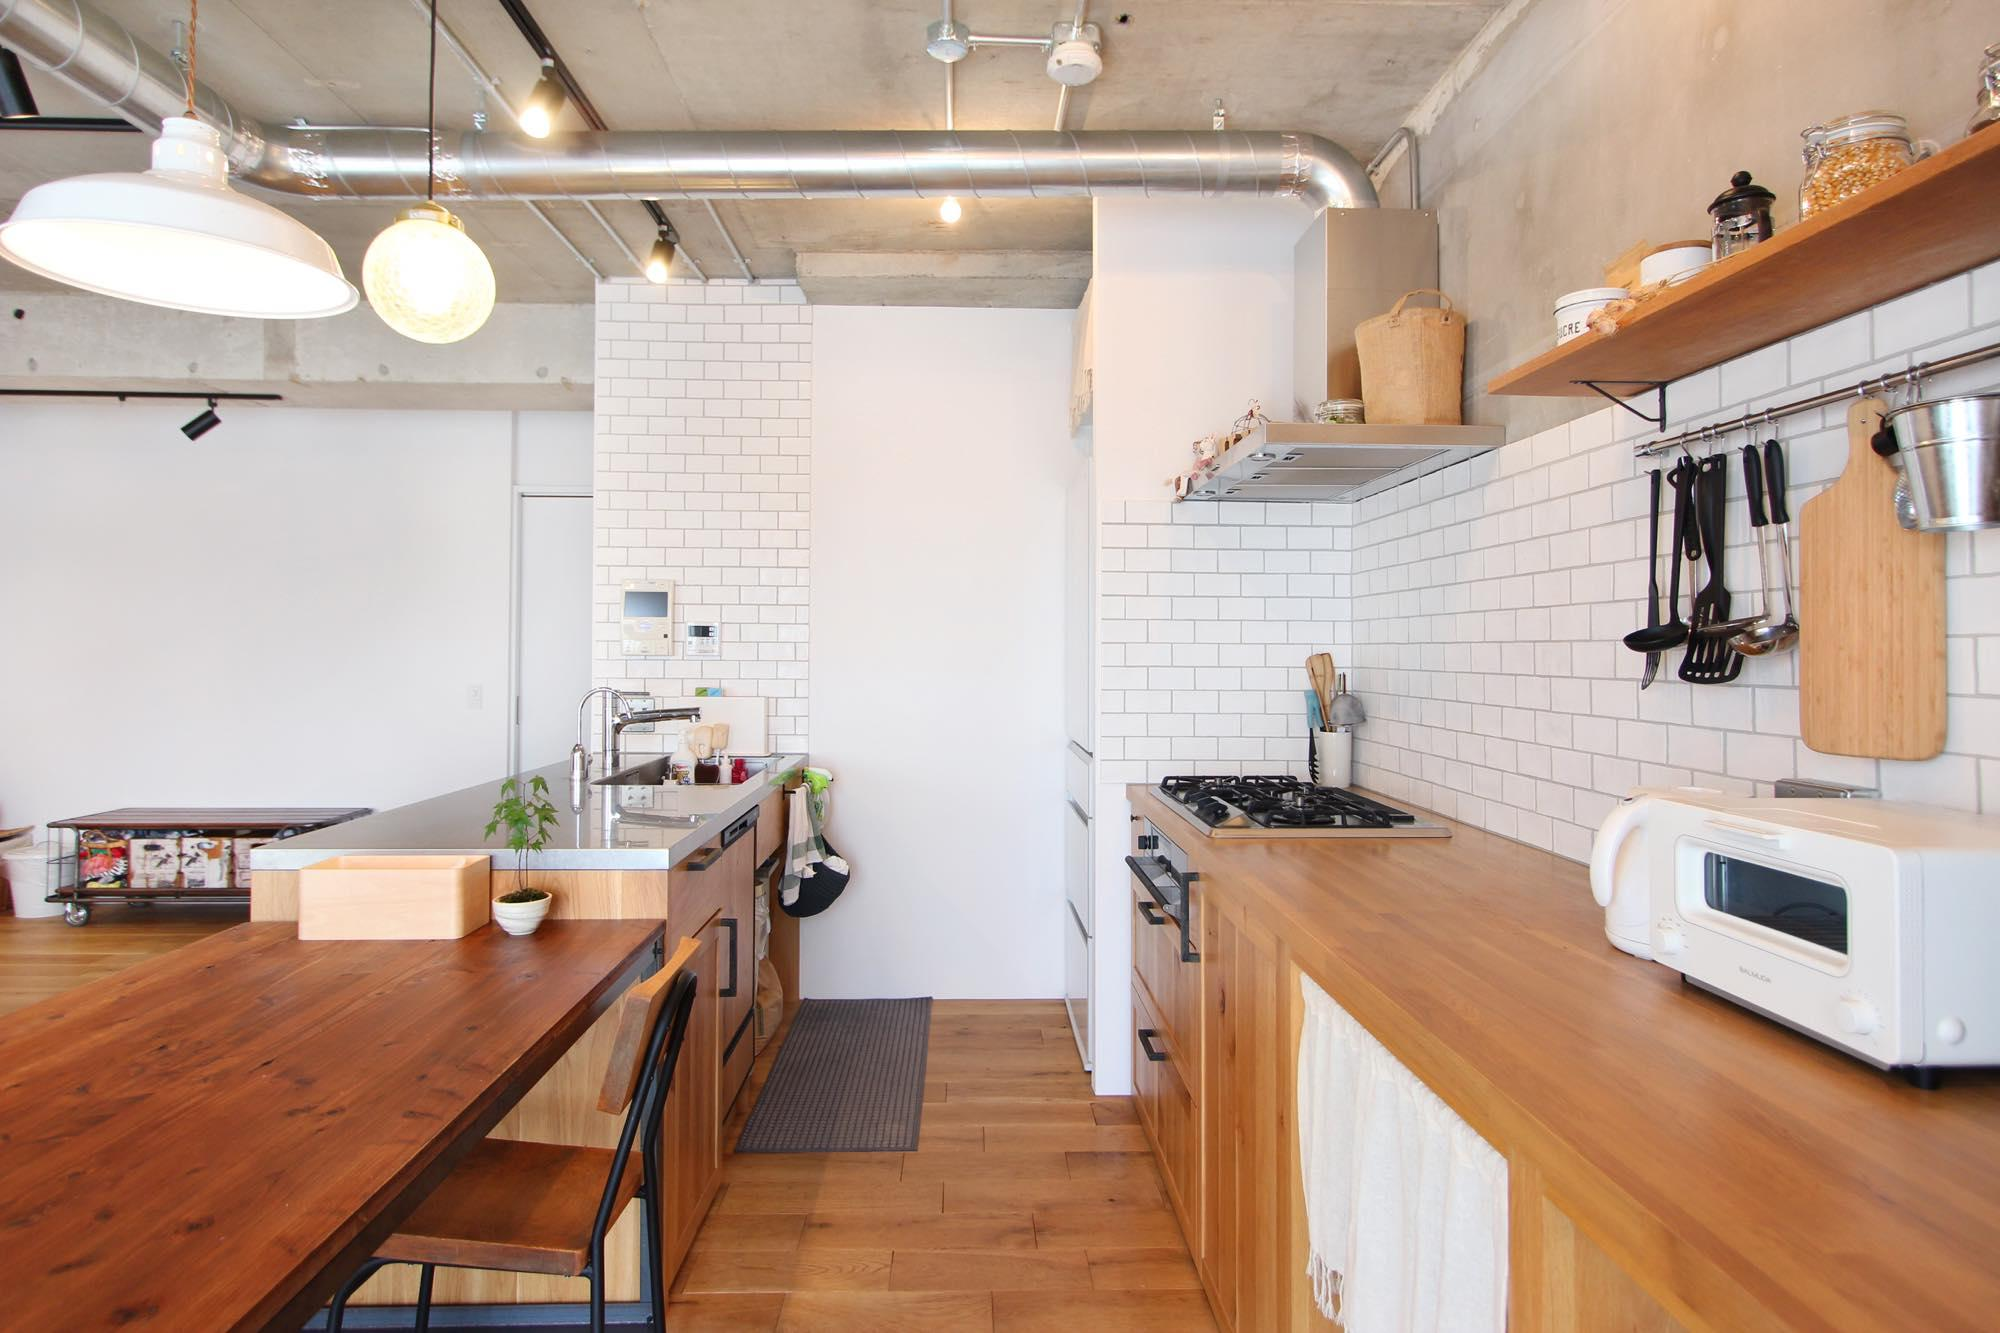 木の温もりを感じるセパレート型キッチン。バックカウンターはベイ松で造作し、広い作業スペースを確保。